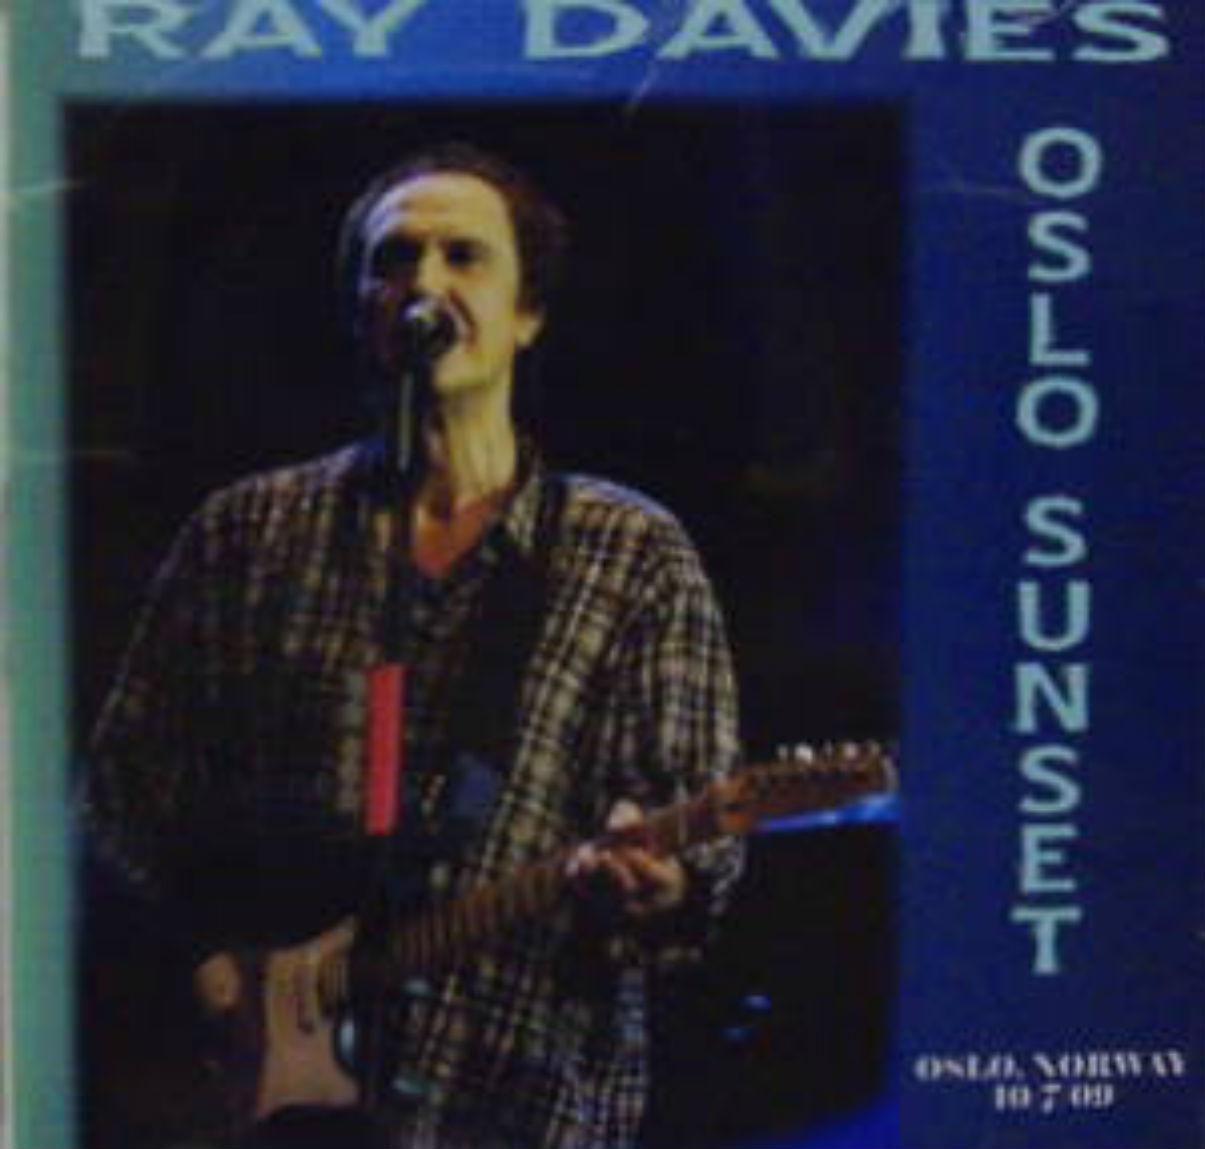 Ray Davies / Oslo Sunset